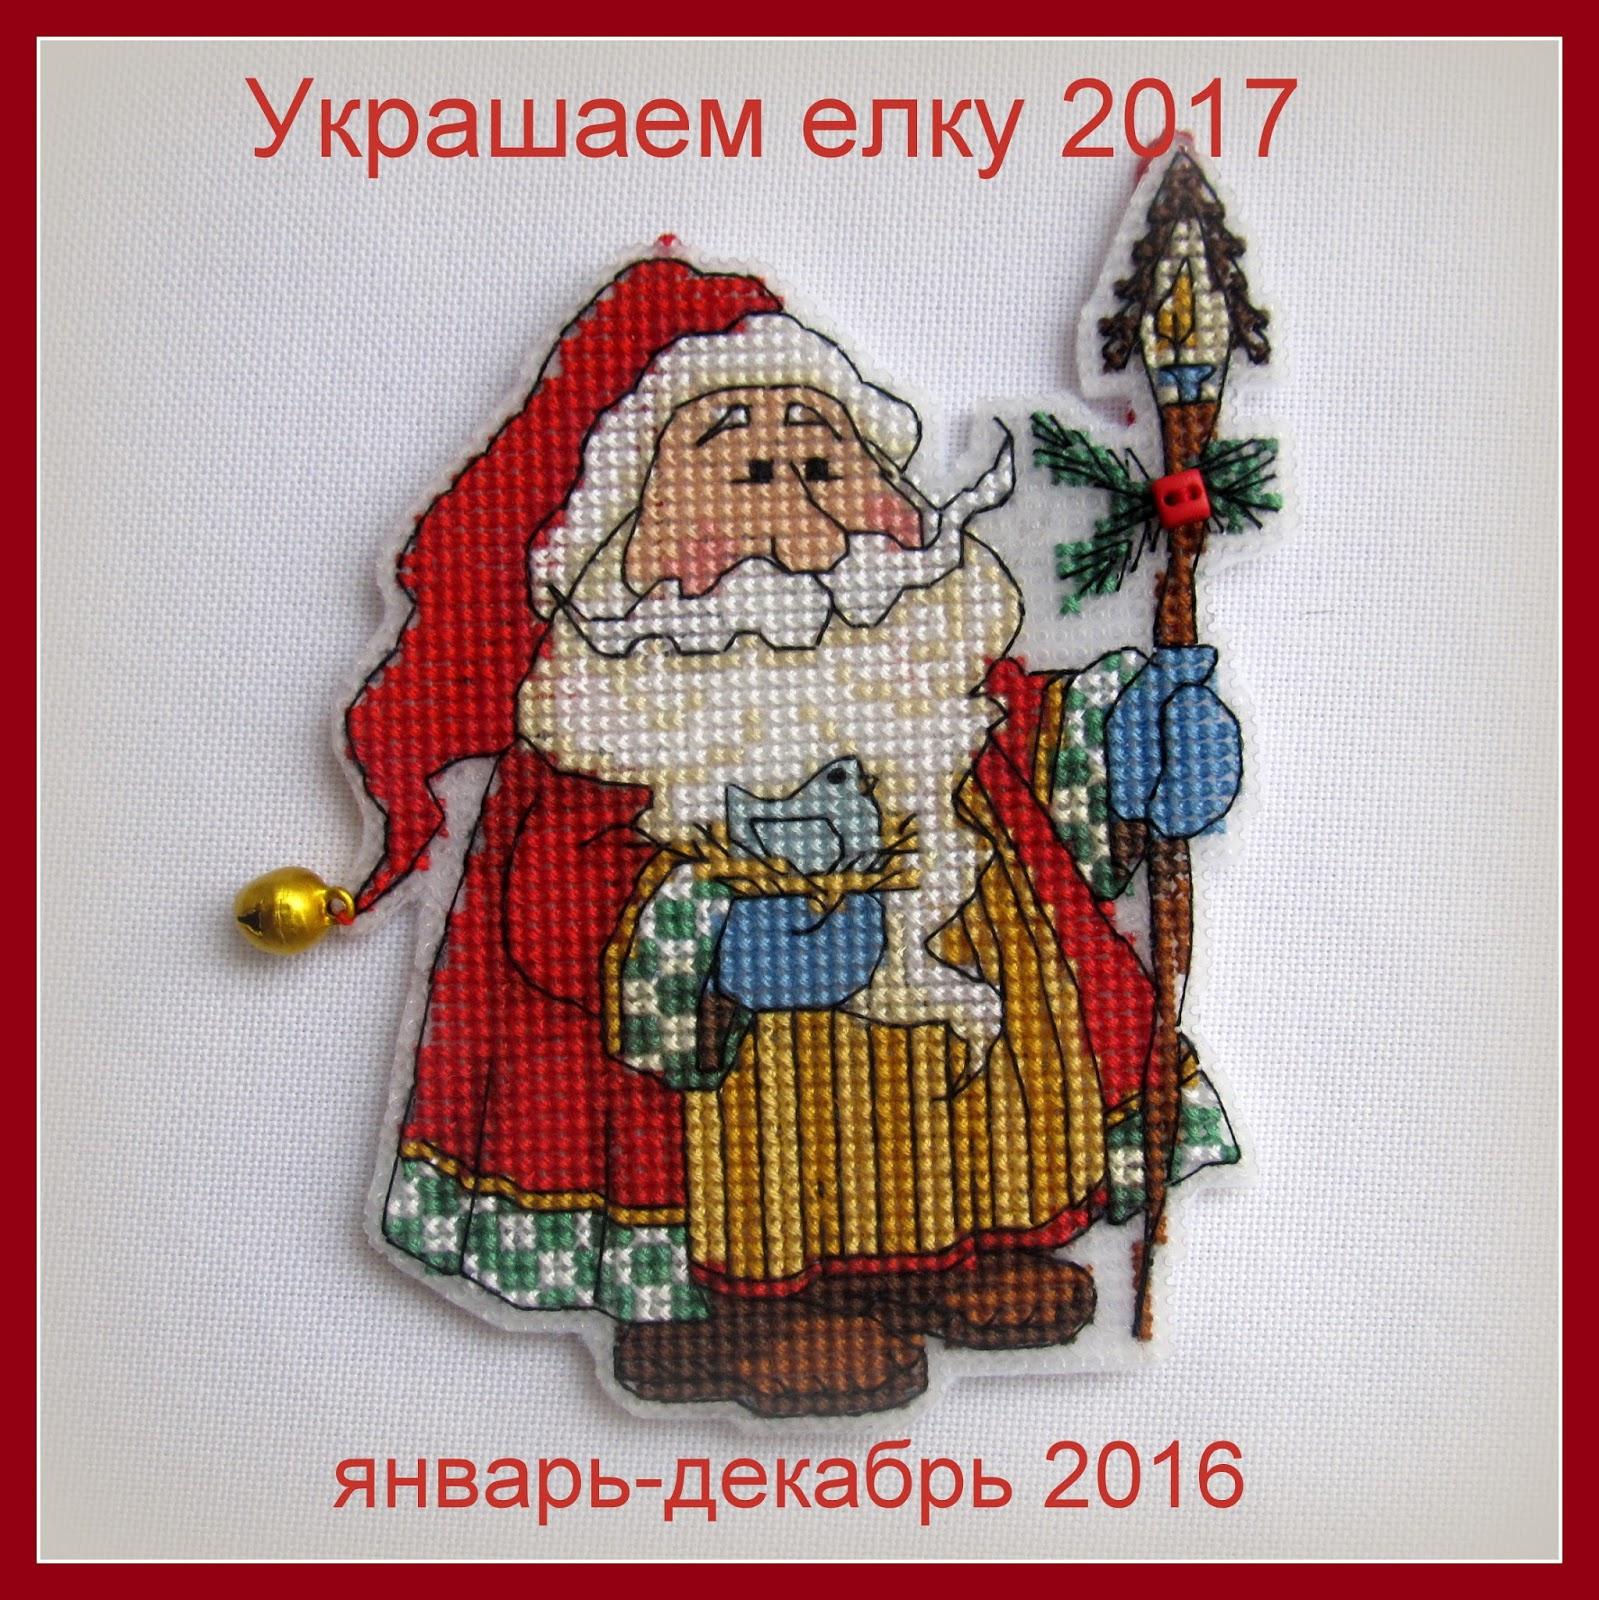 Украшаем Елку - 2017